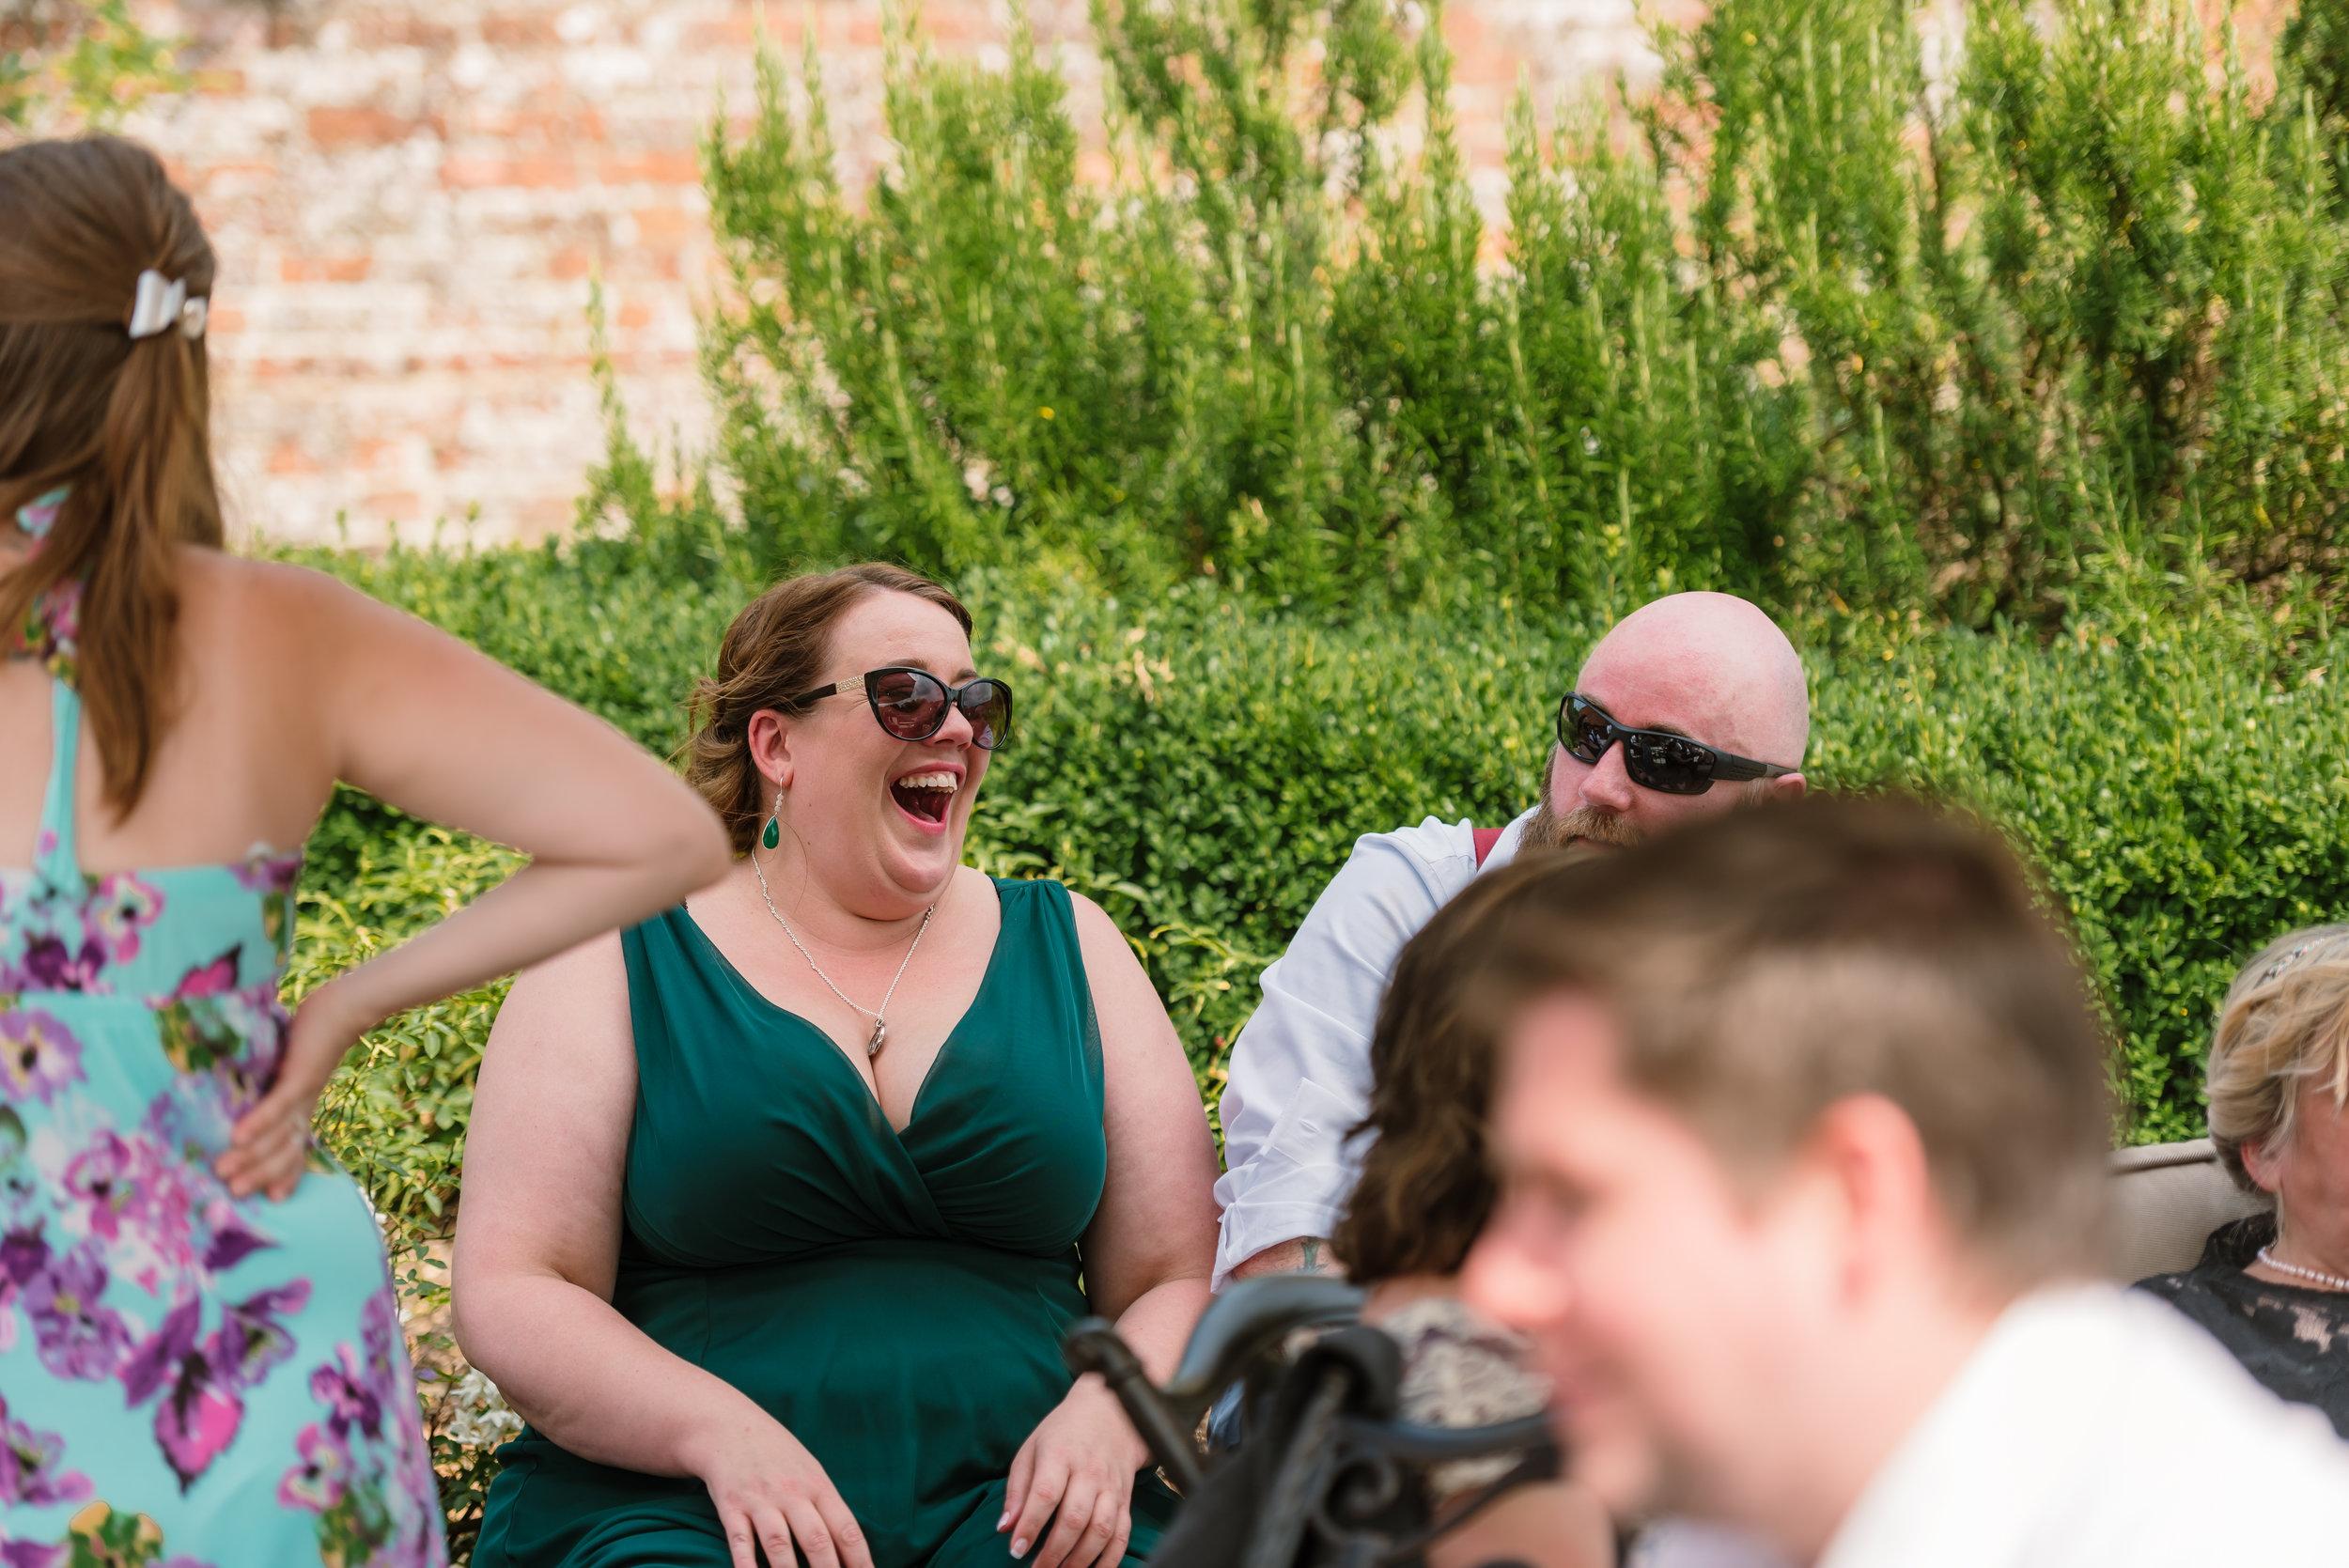 Hampshire Wedding Photographer Hampshire : Ufton-Court-Wedding : Barn-wedding-venue-hampshire : sarah-fishlock-photography : hampshire-barn-wedding-781.jpg